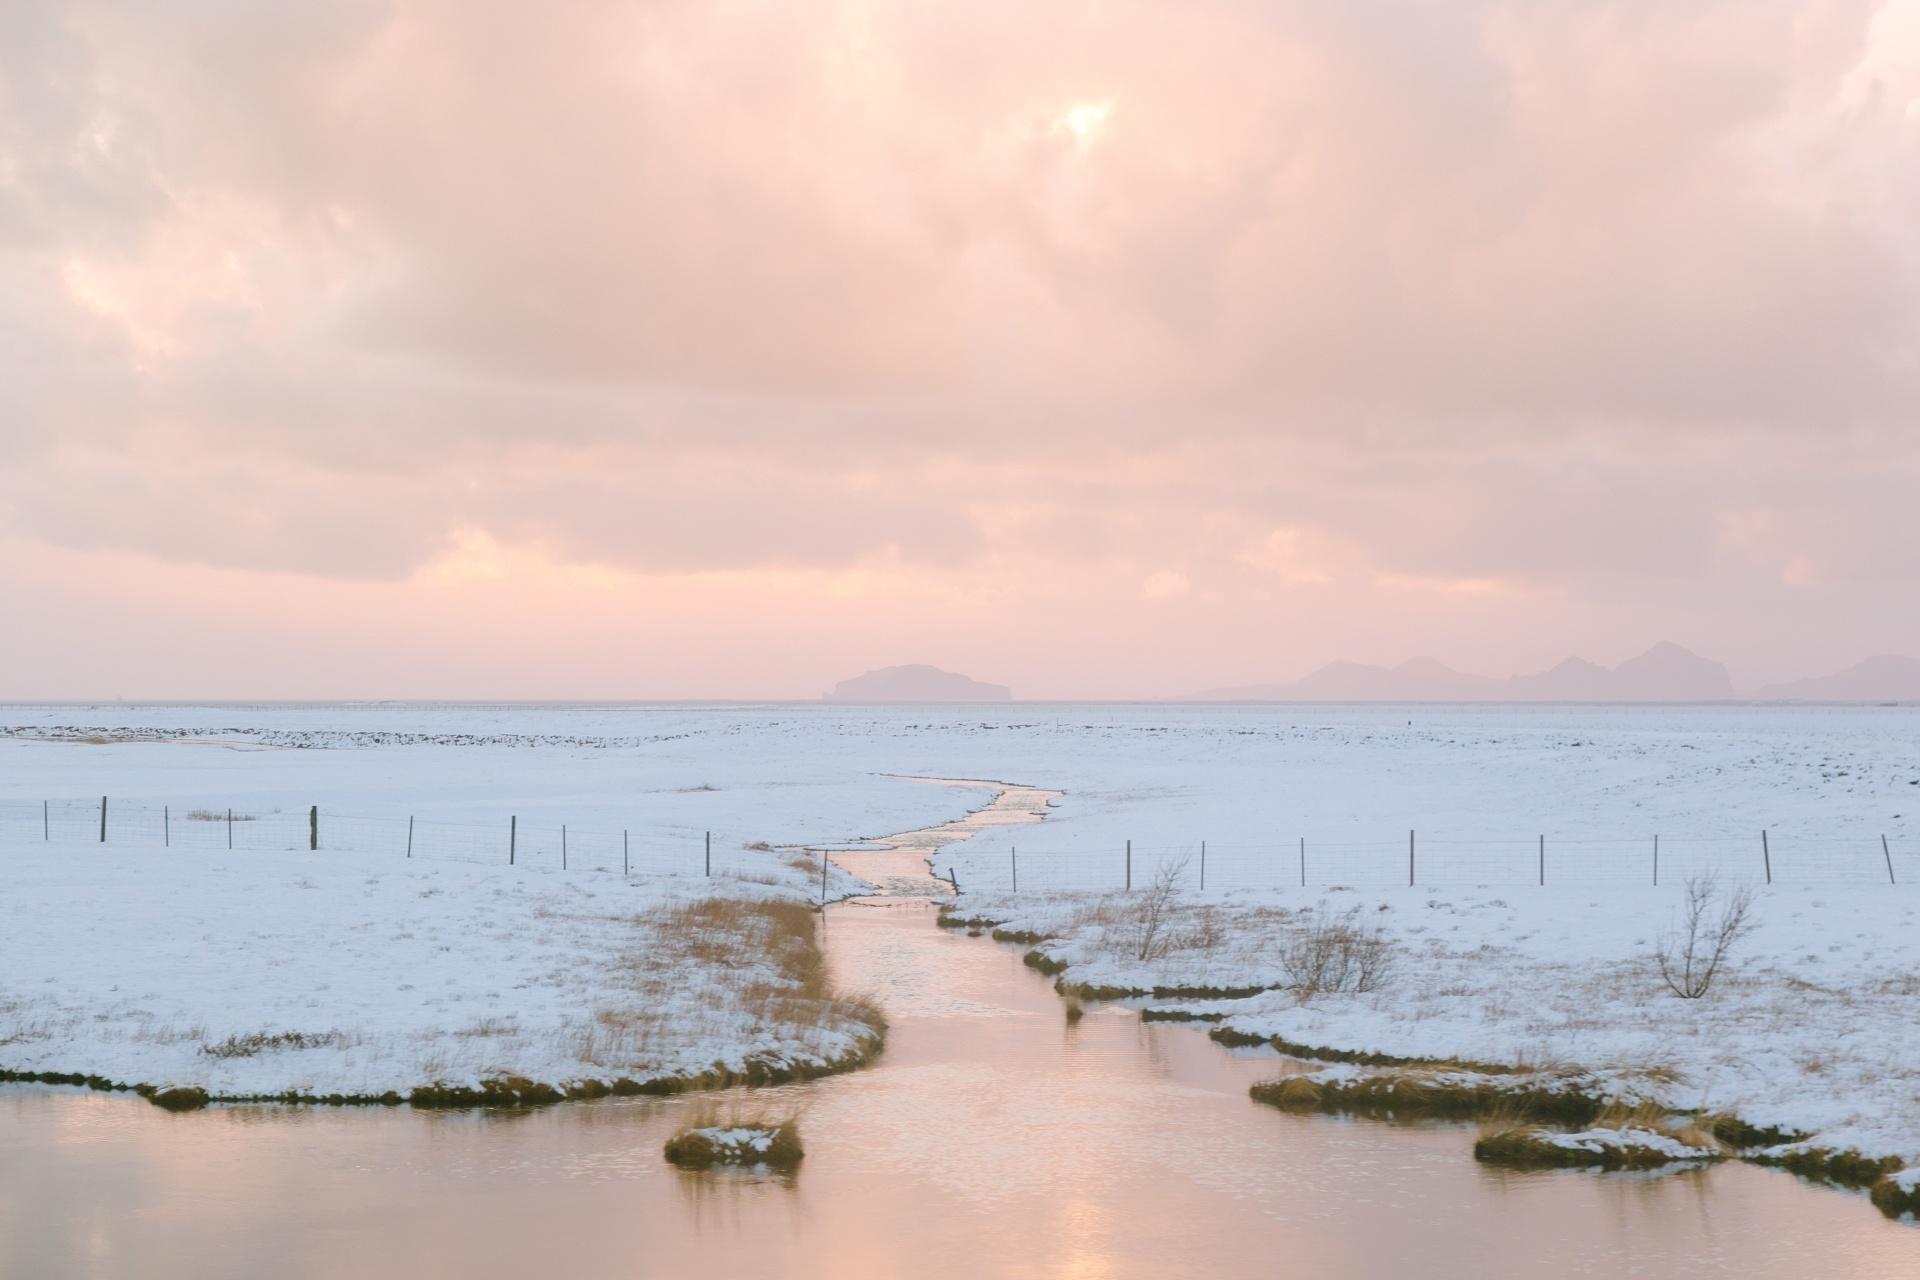 アイスランドの冬の朝の風景 アイスランドの風景